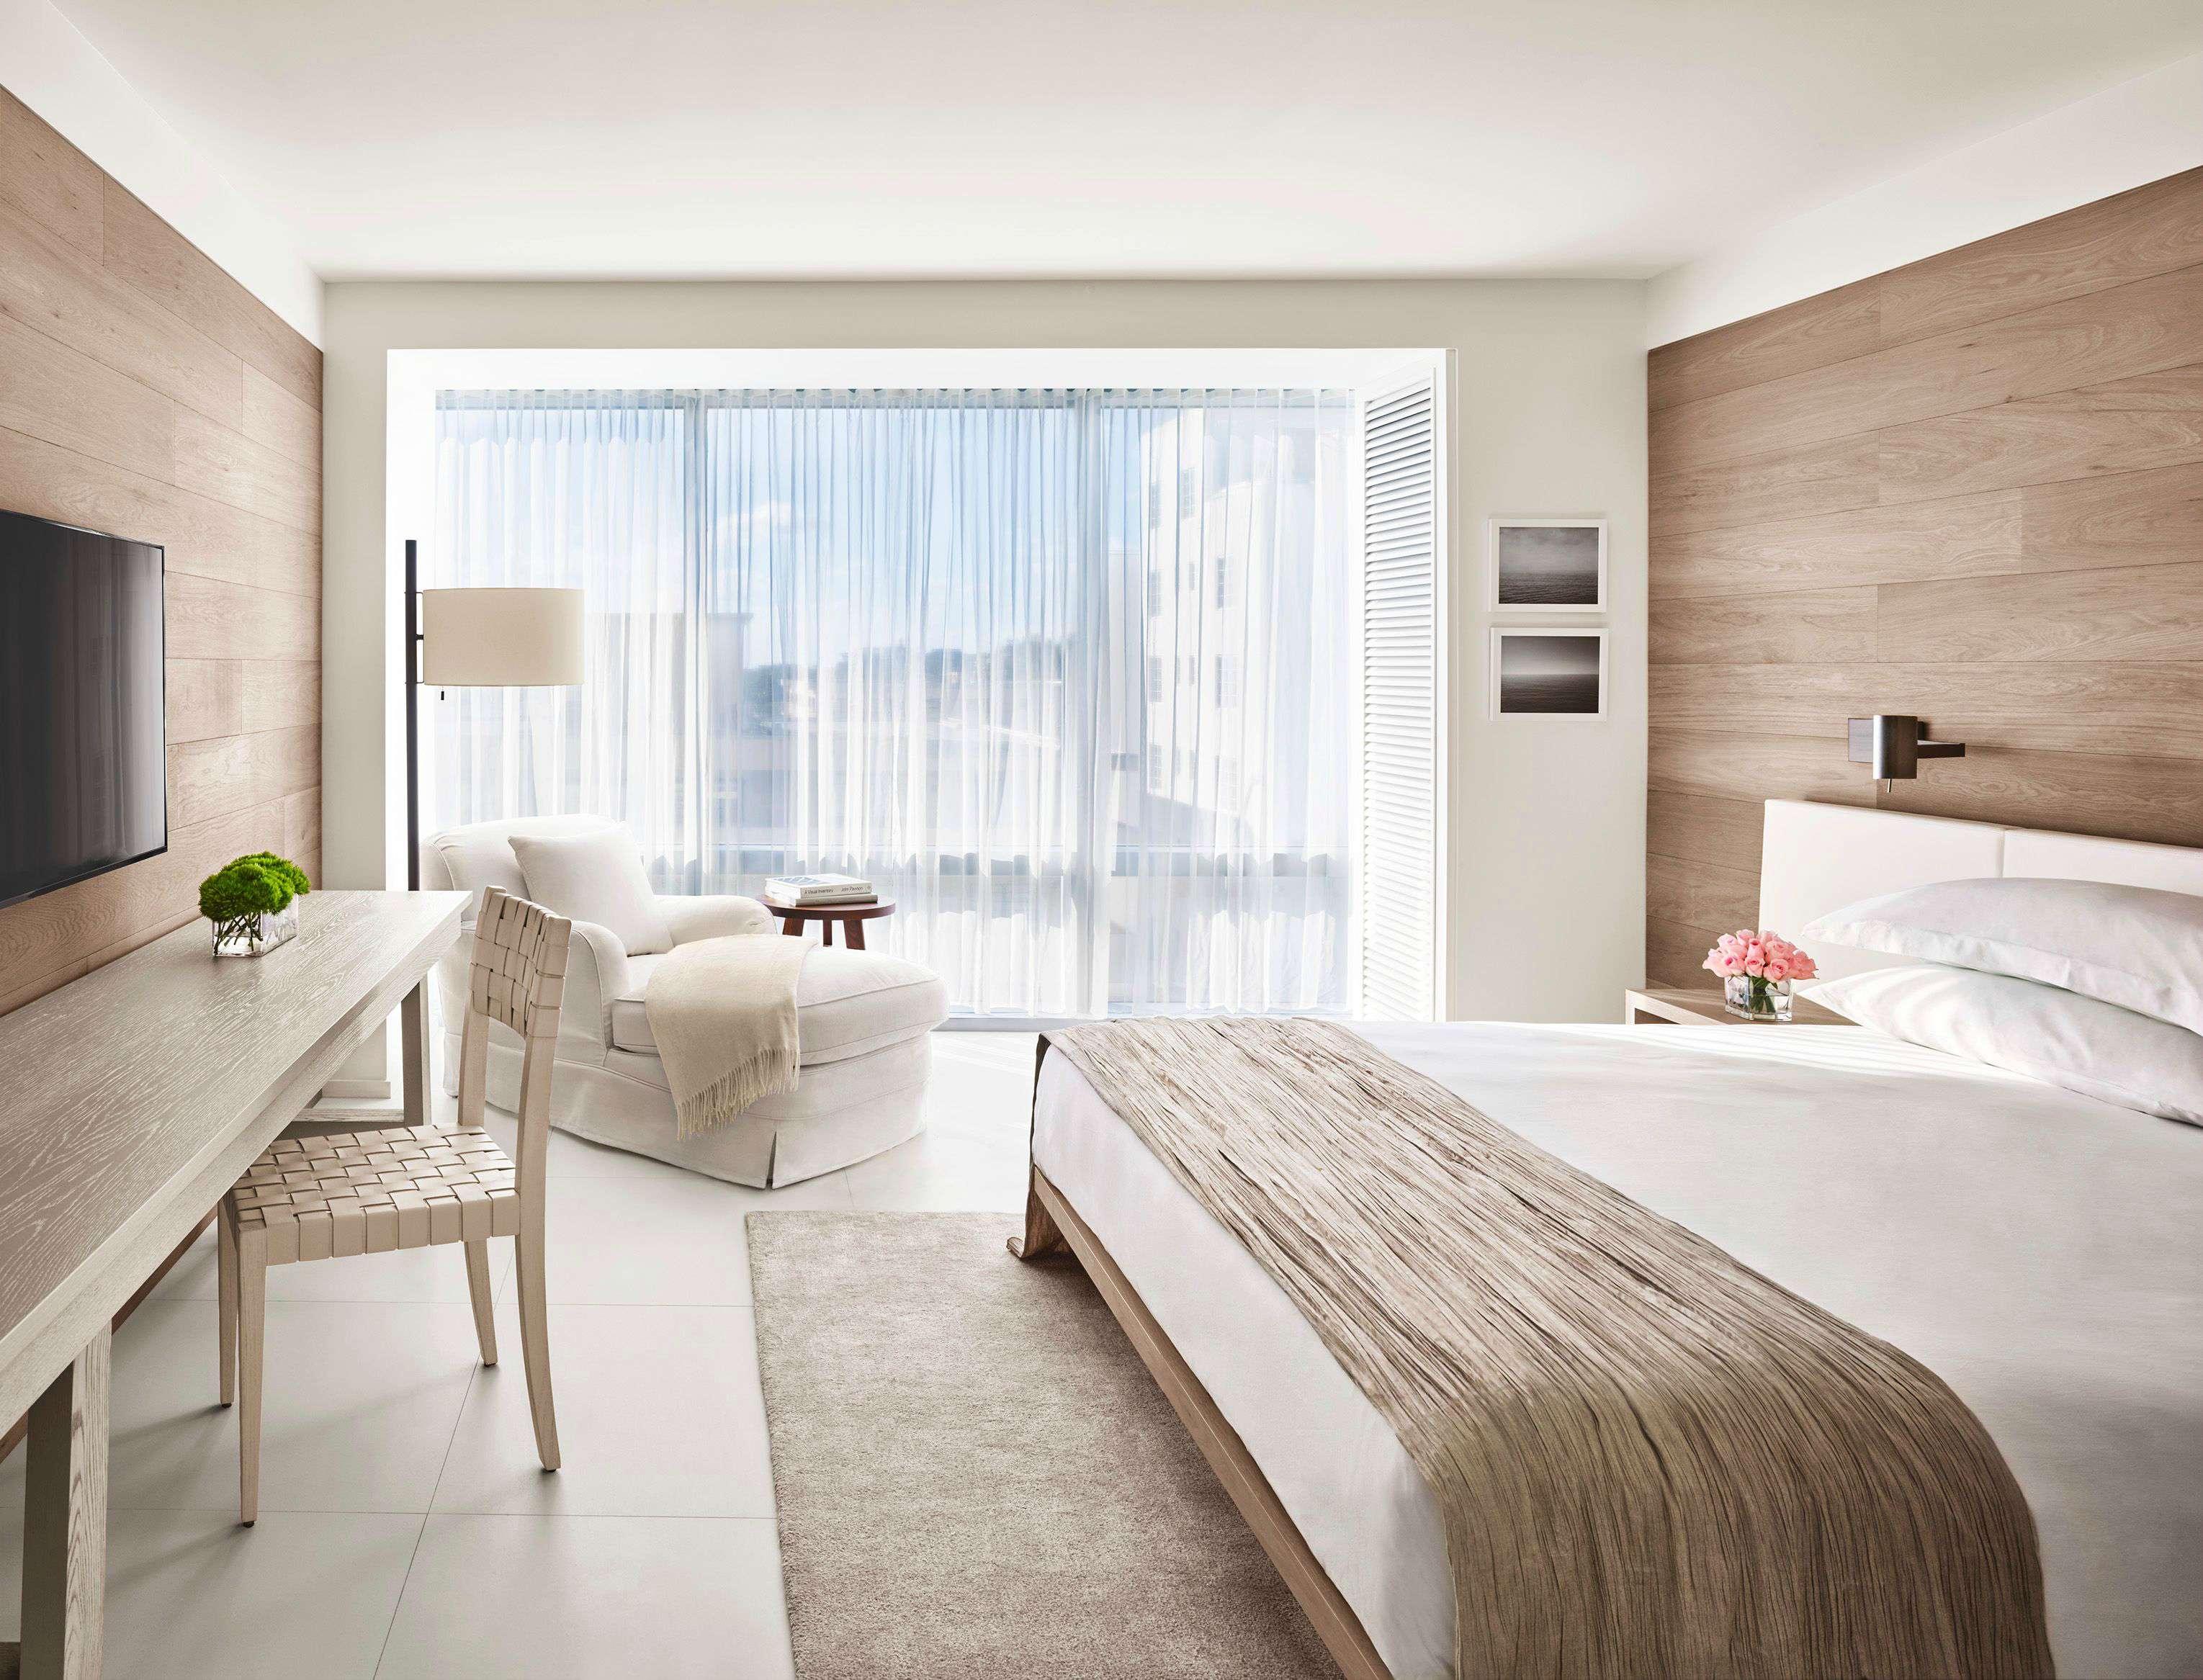 bedroomiamge1